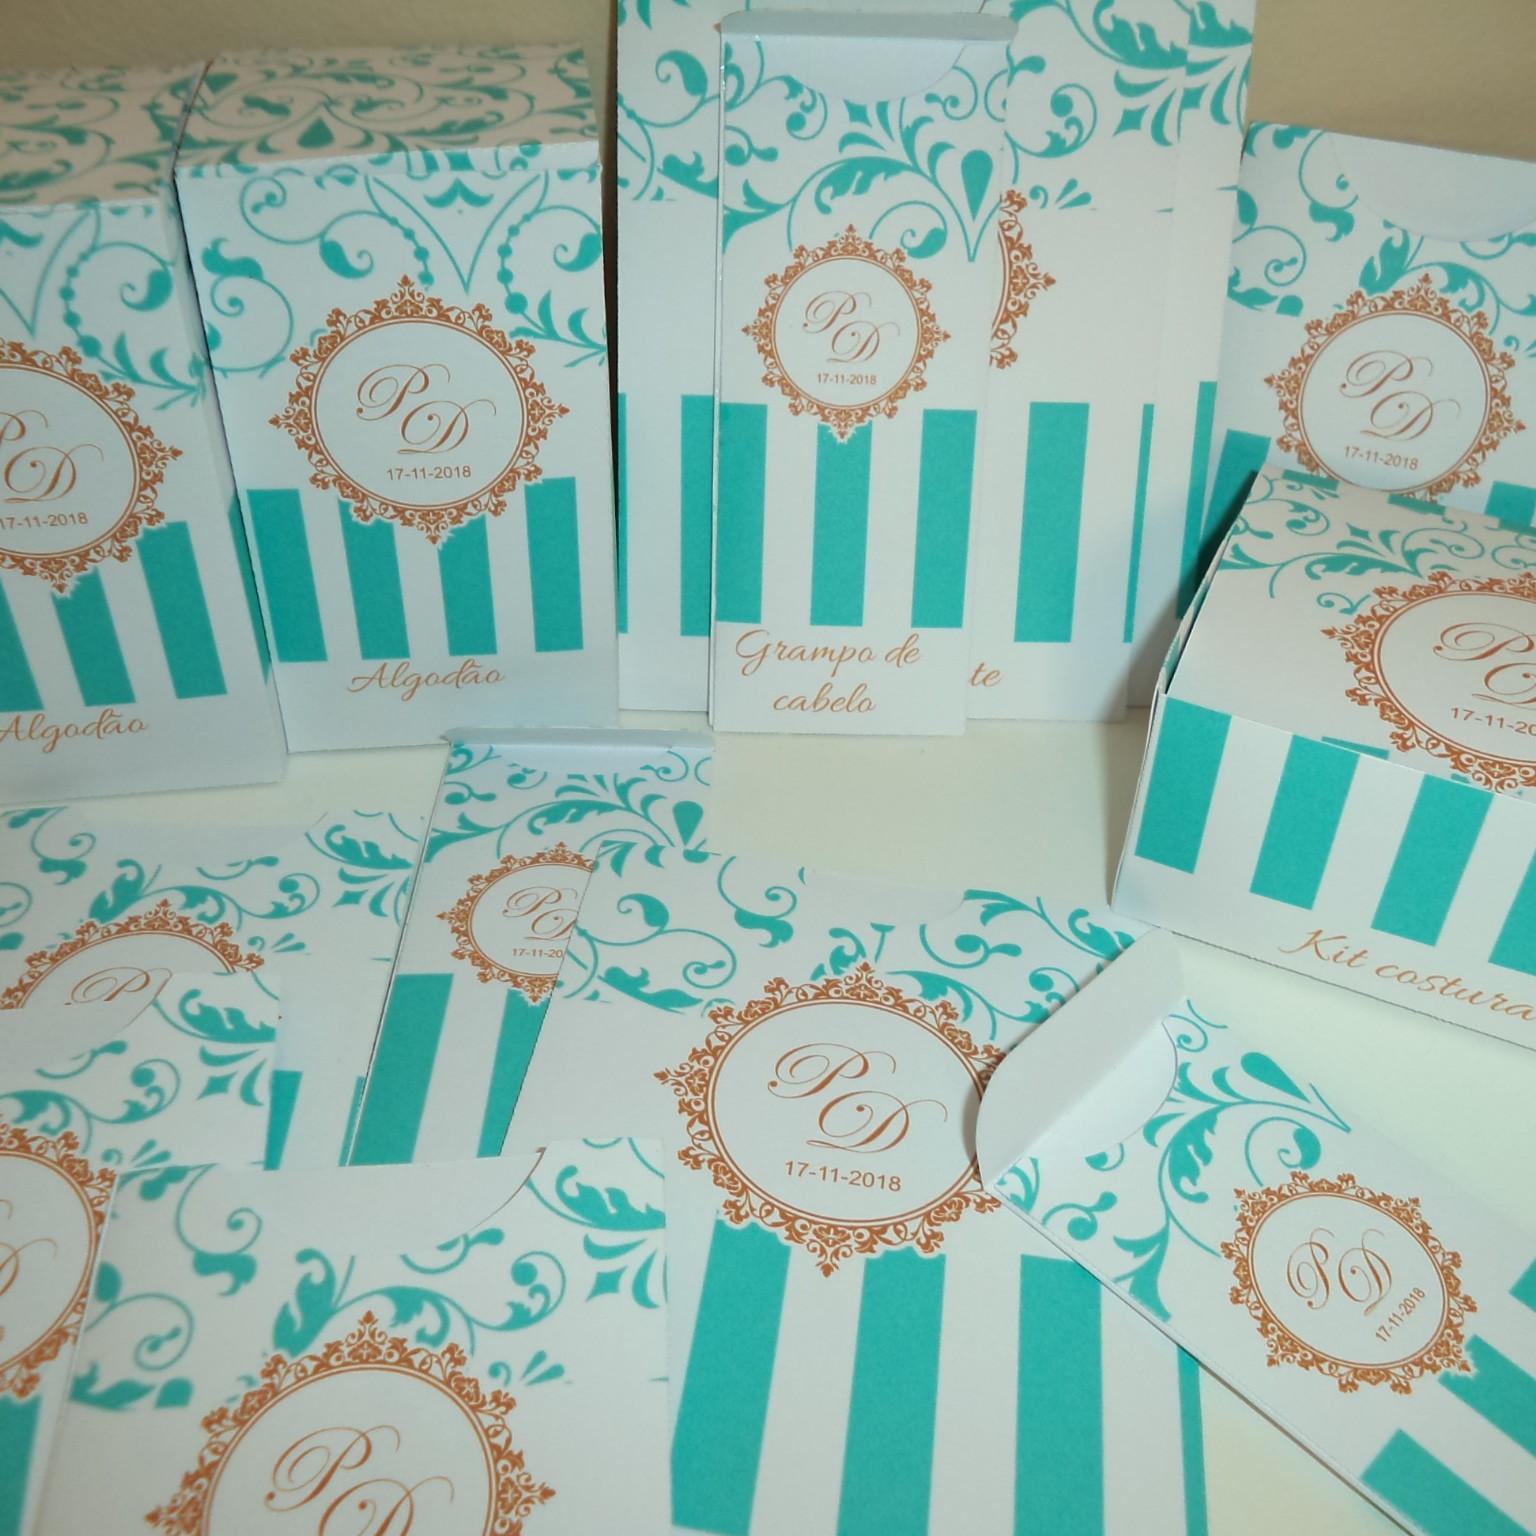 Kit Toalete para Quinze Anos Decoração Azul Tiffany   Elo7 c5b540df07